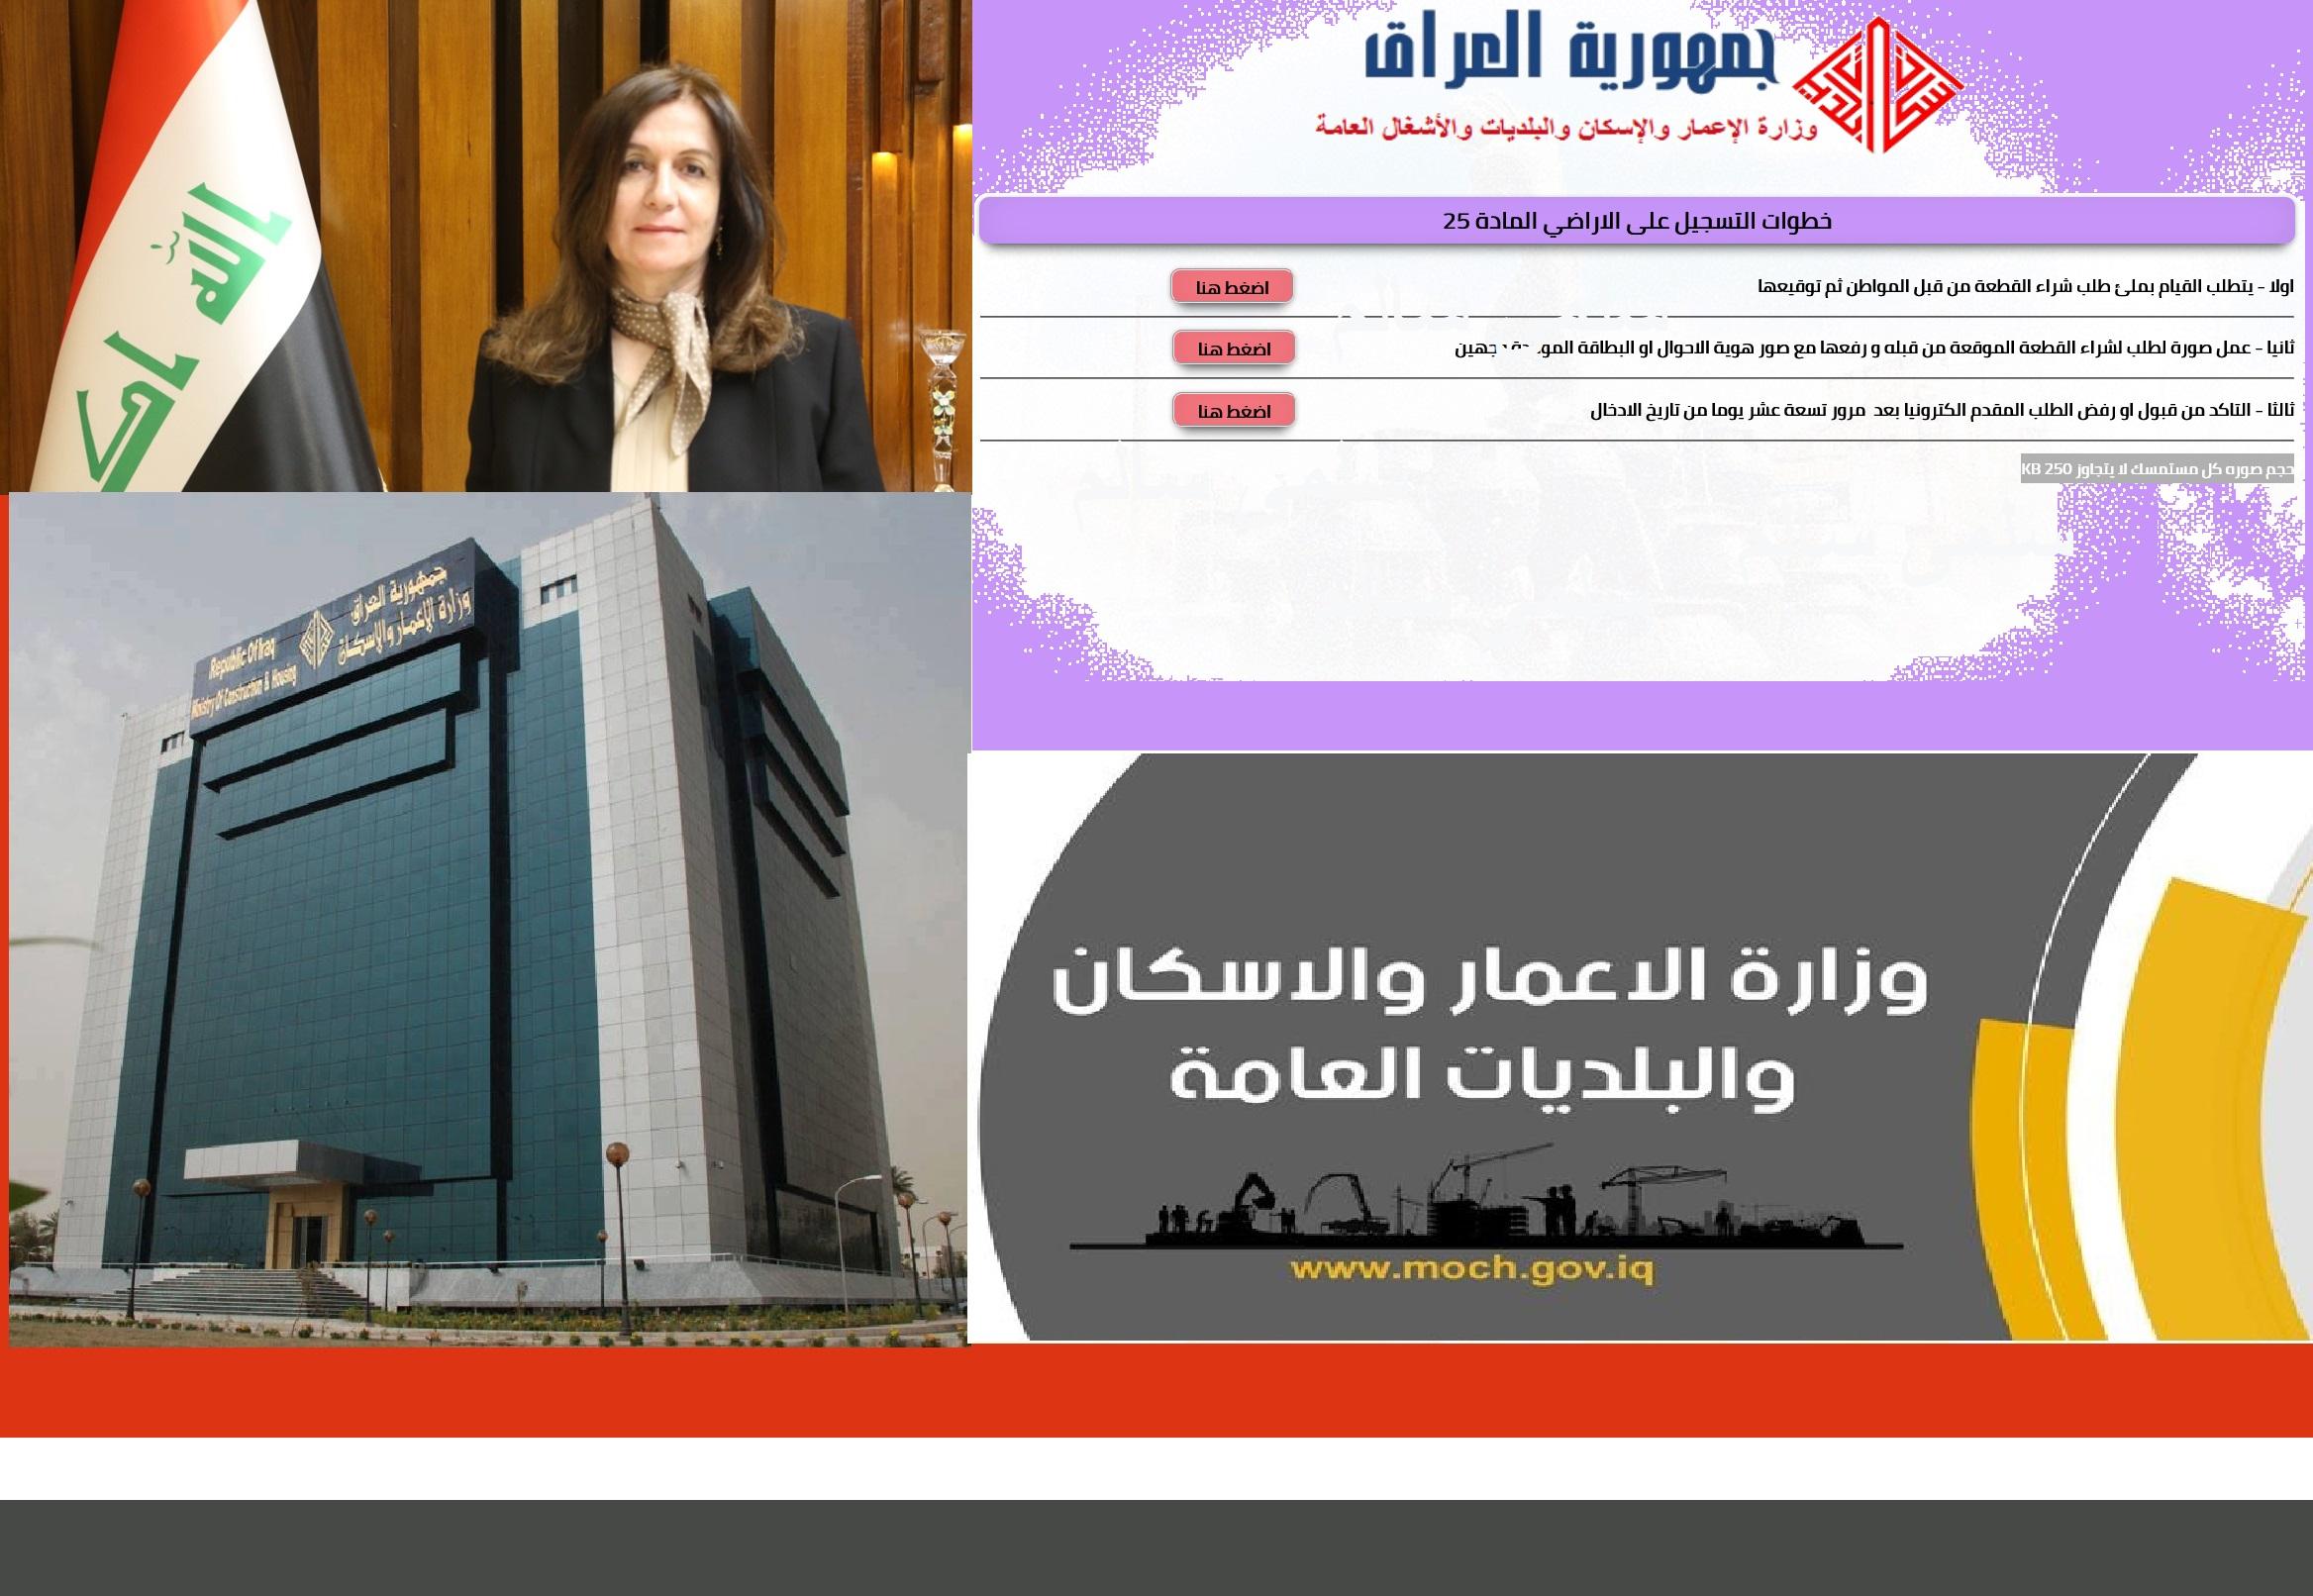 moch.gov.iq 5959 رابط تقديم استمارة توزيع قطع الأراضي السكنية إلكترونيا على موقع وزارة الإعمار